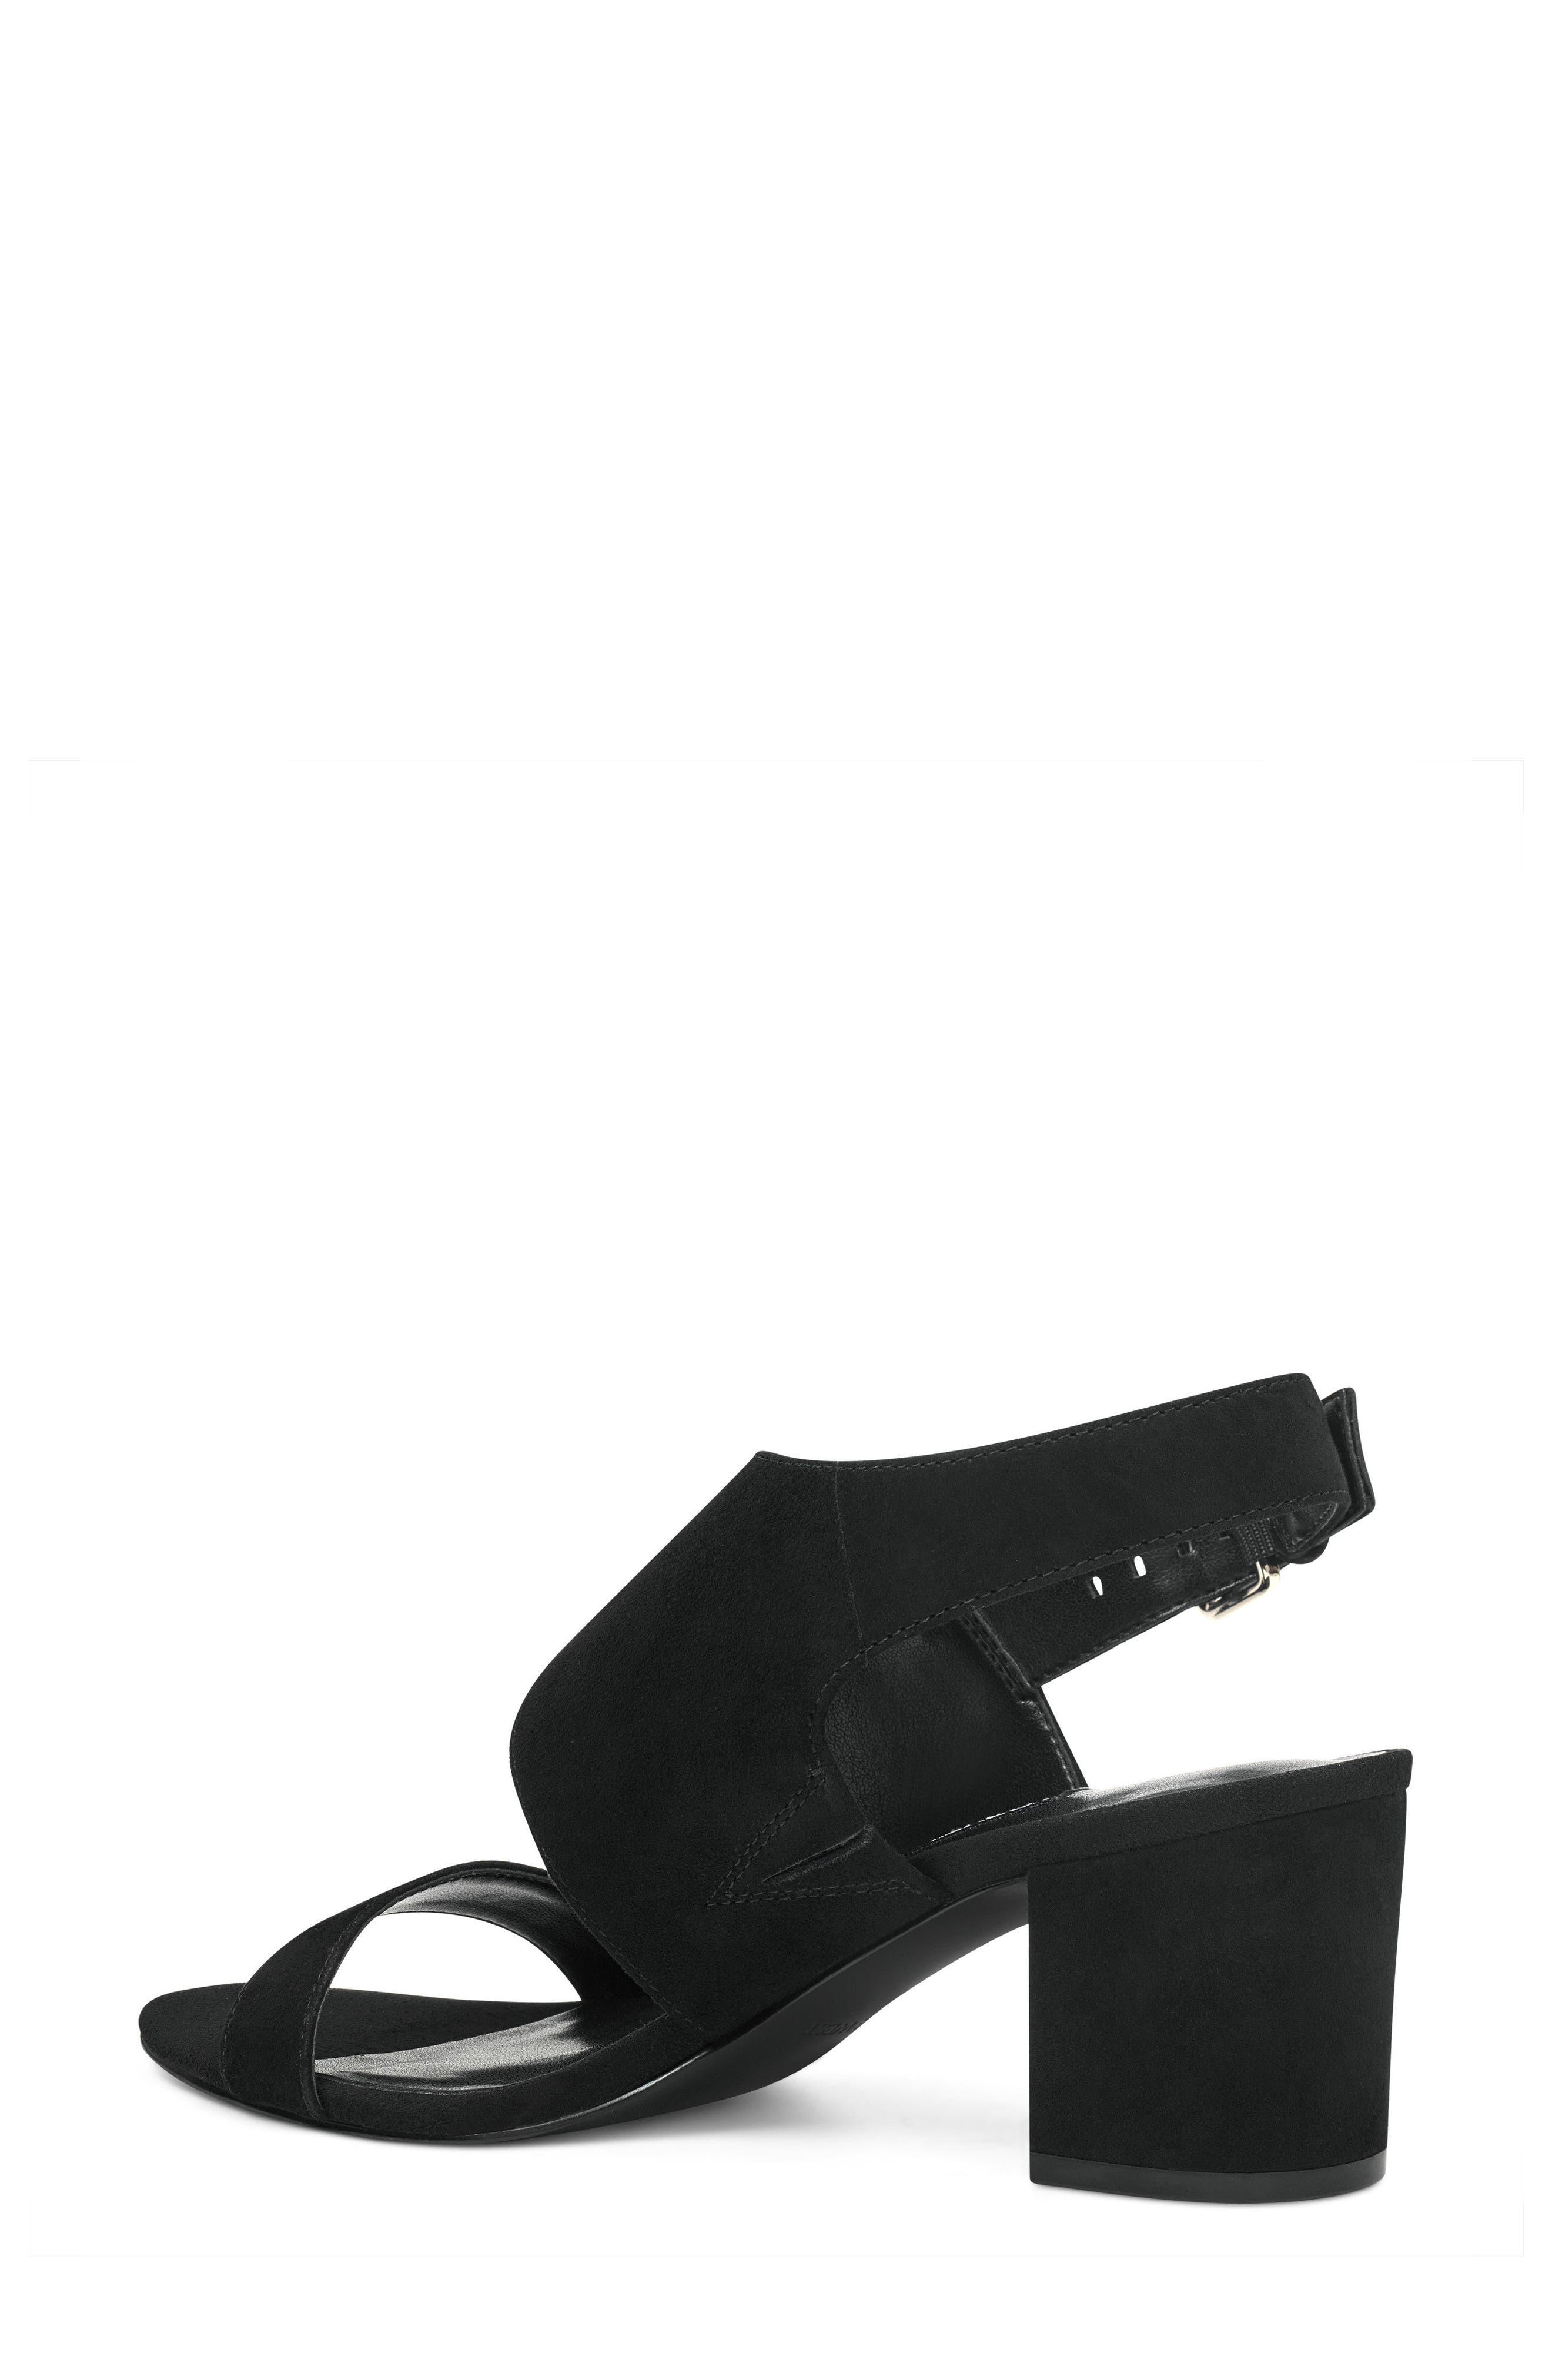 Forli Asymmetrical Sandal,                             Alternate thumbnail 2, color,                             001